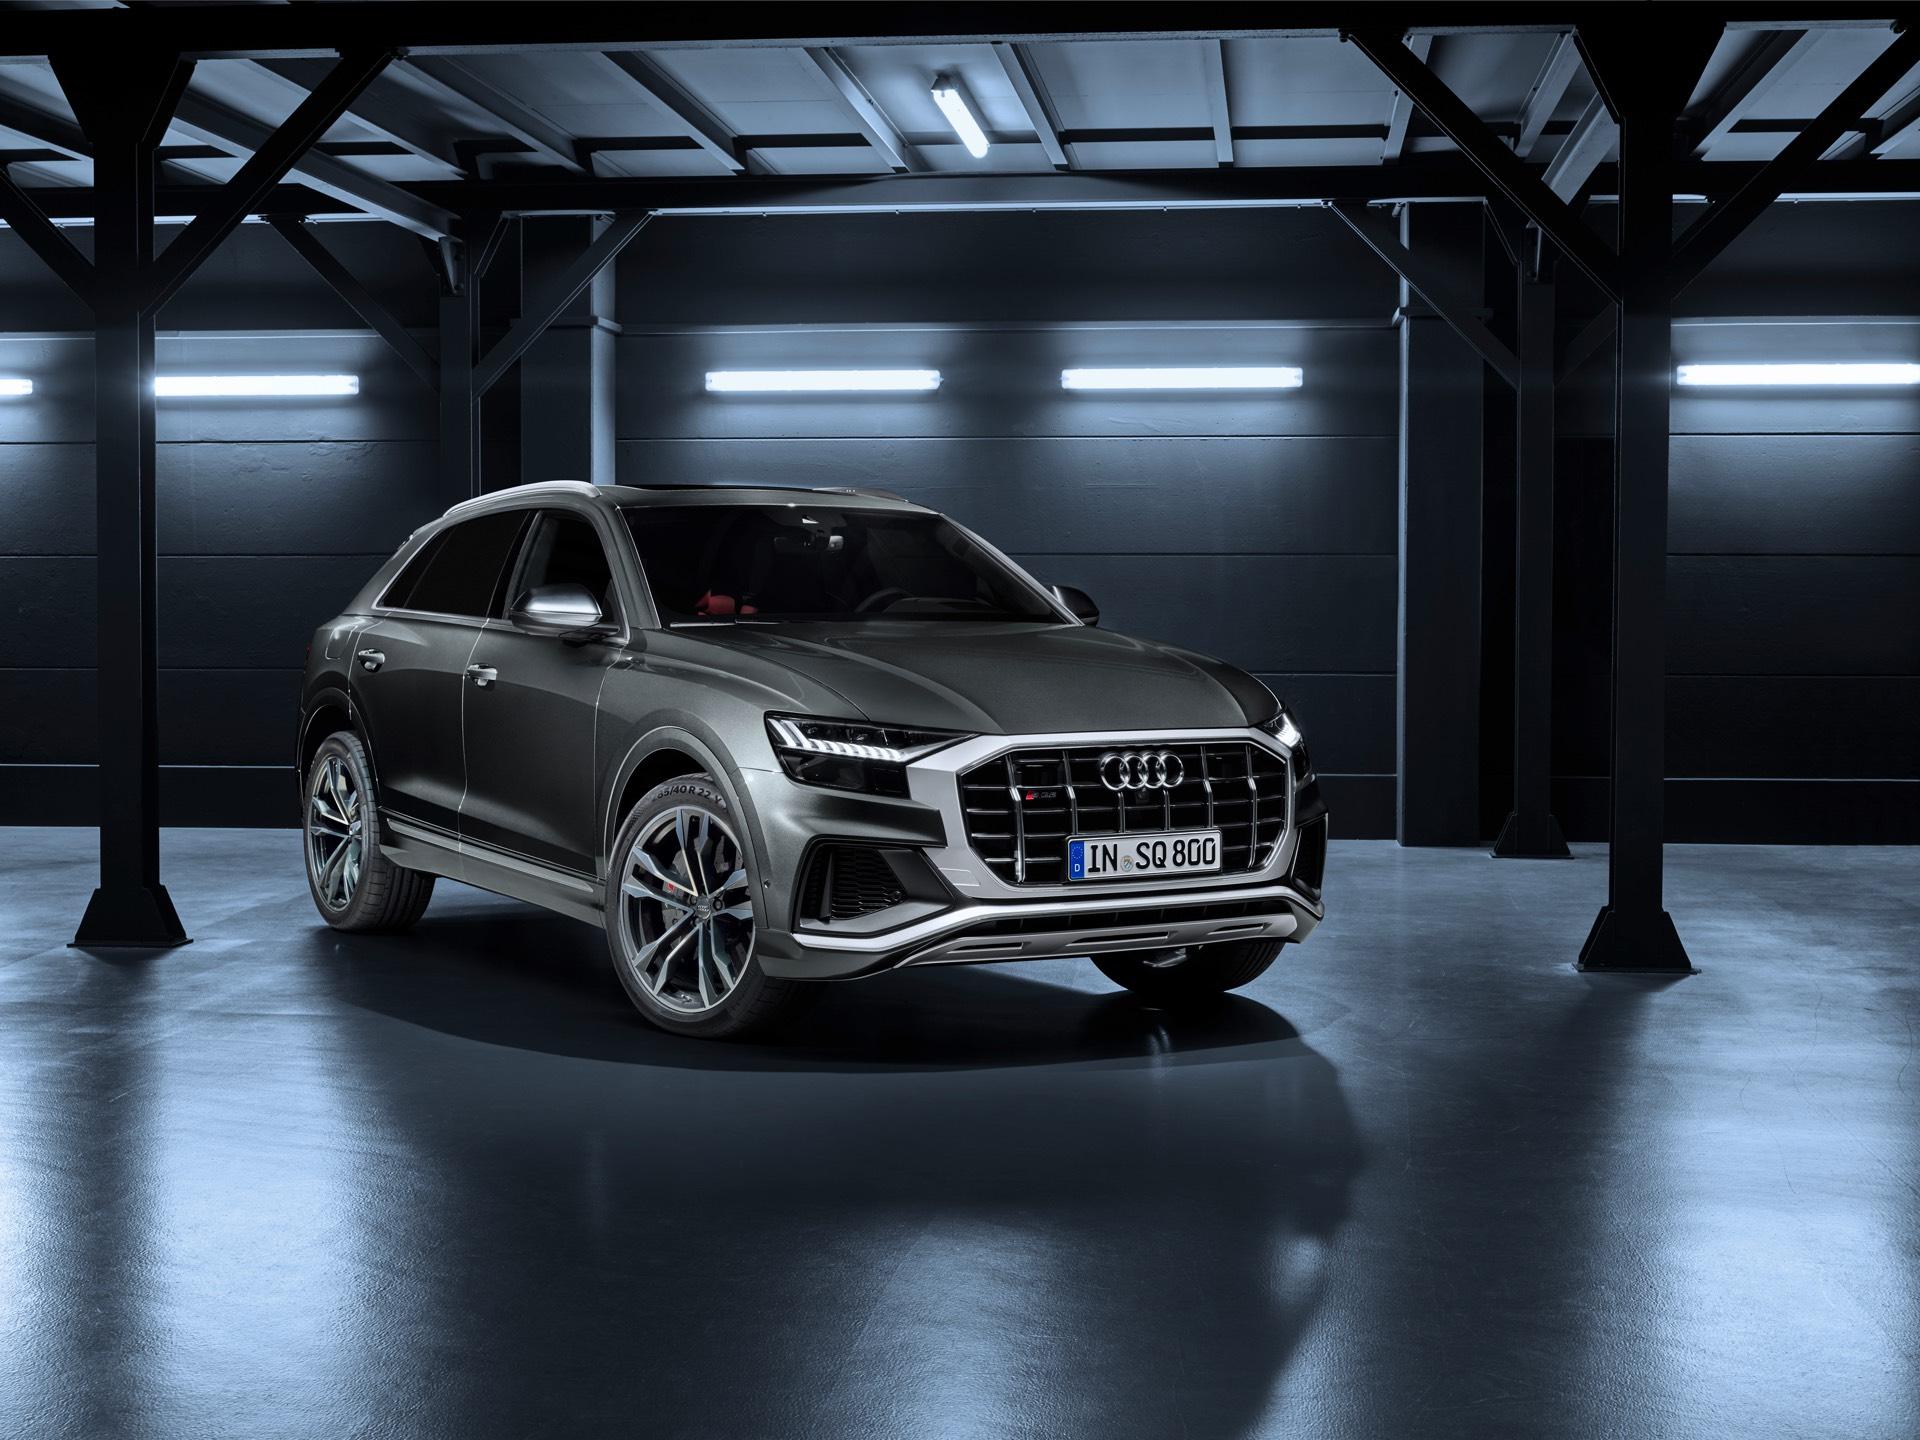 Audi-SQ8-TDI-2019-7